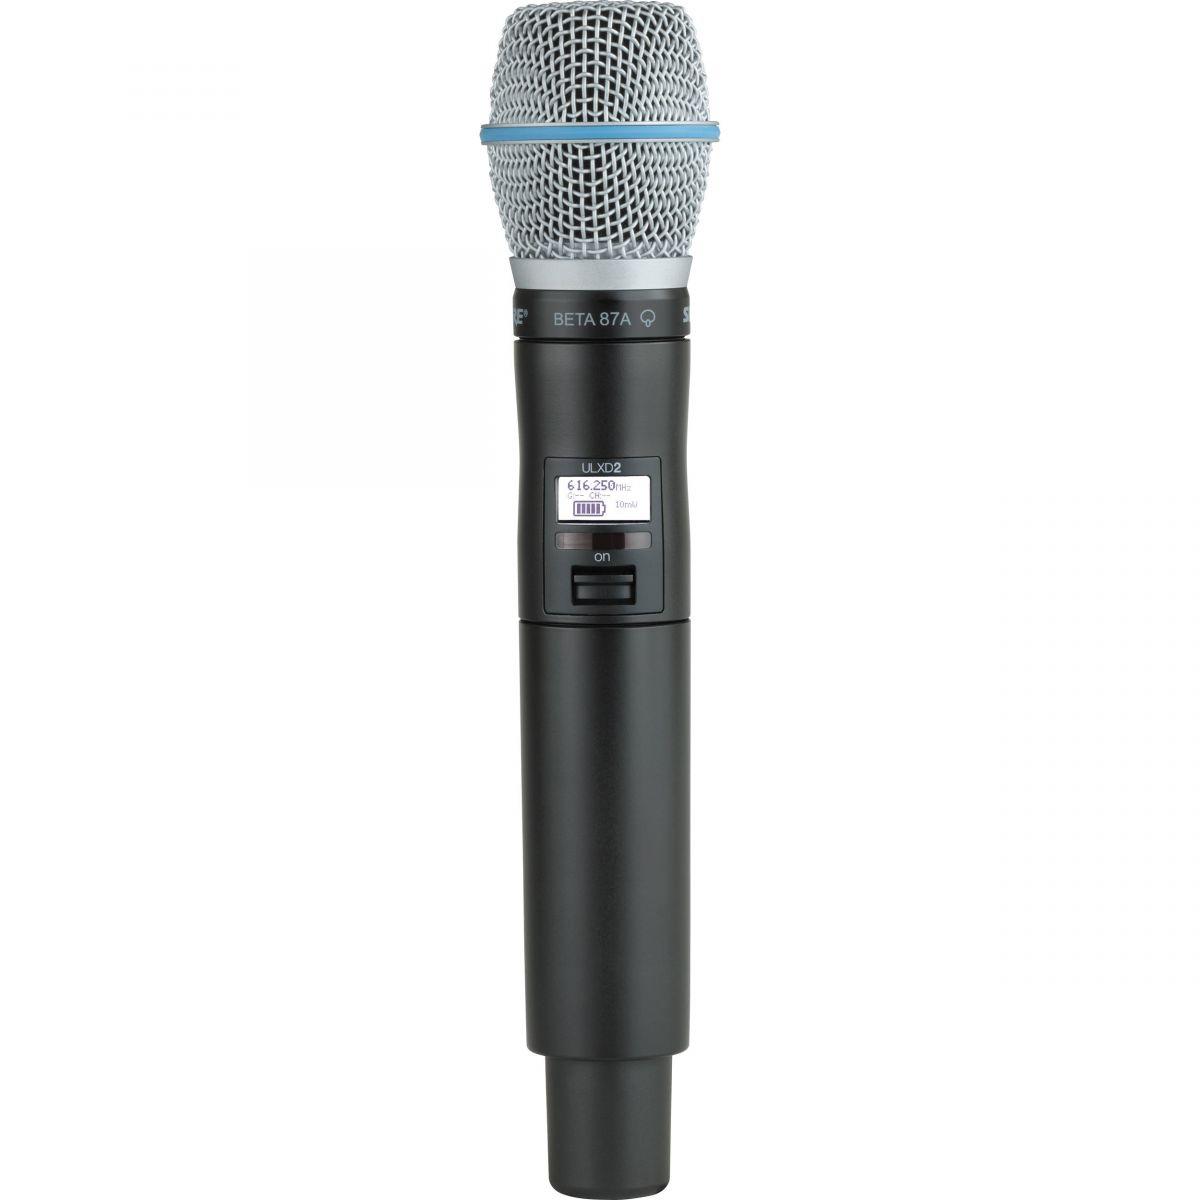 Shure Beta 87a Microfone Condensador Supercardioide